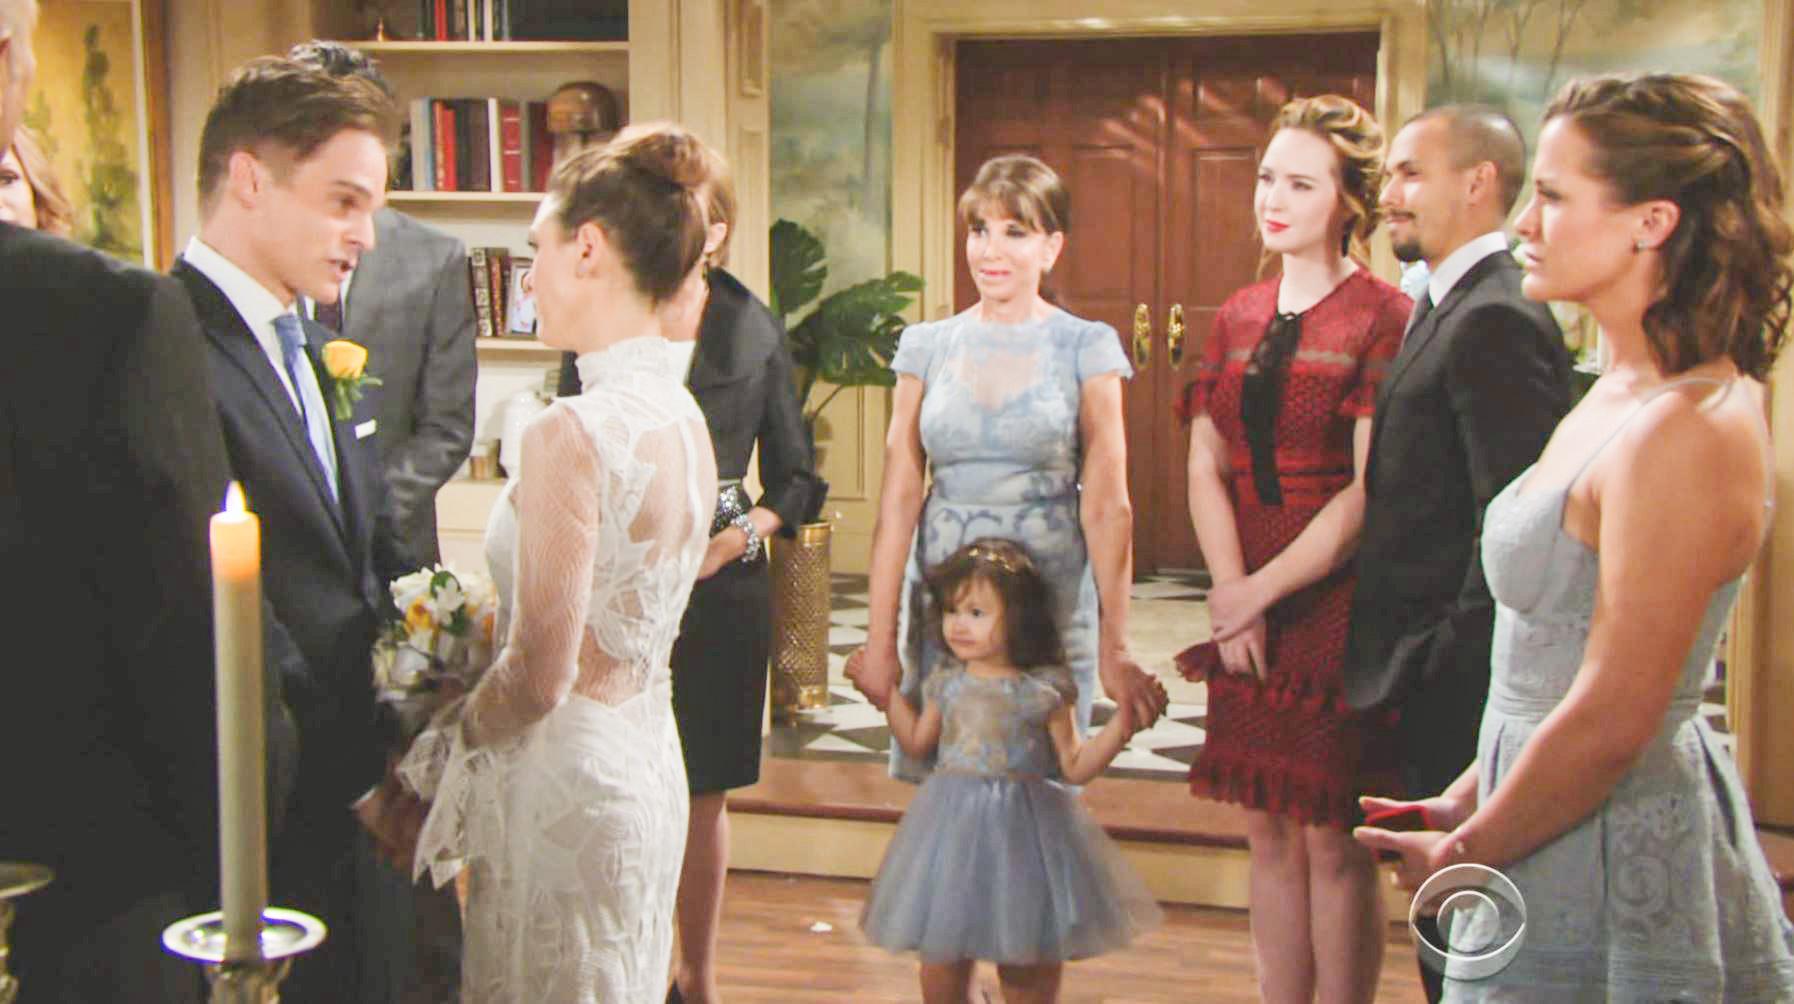 Wedding vows wiki - Chloe Kevin Wedding Vows Jpg